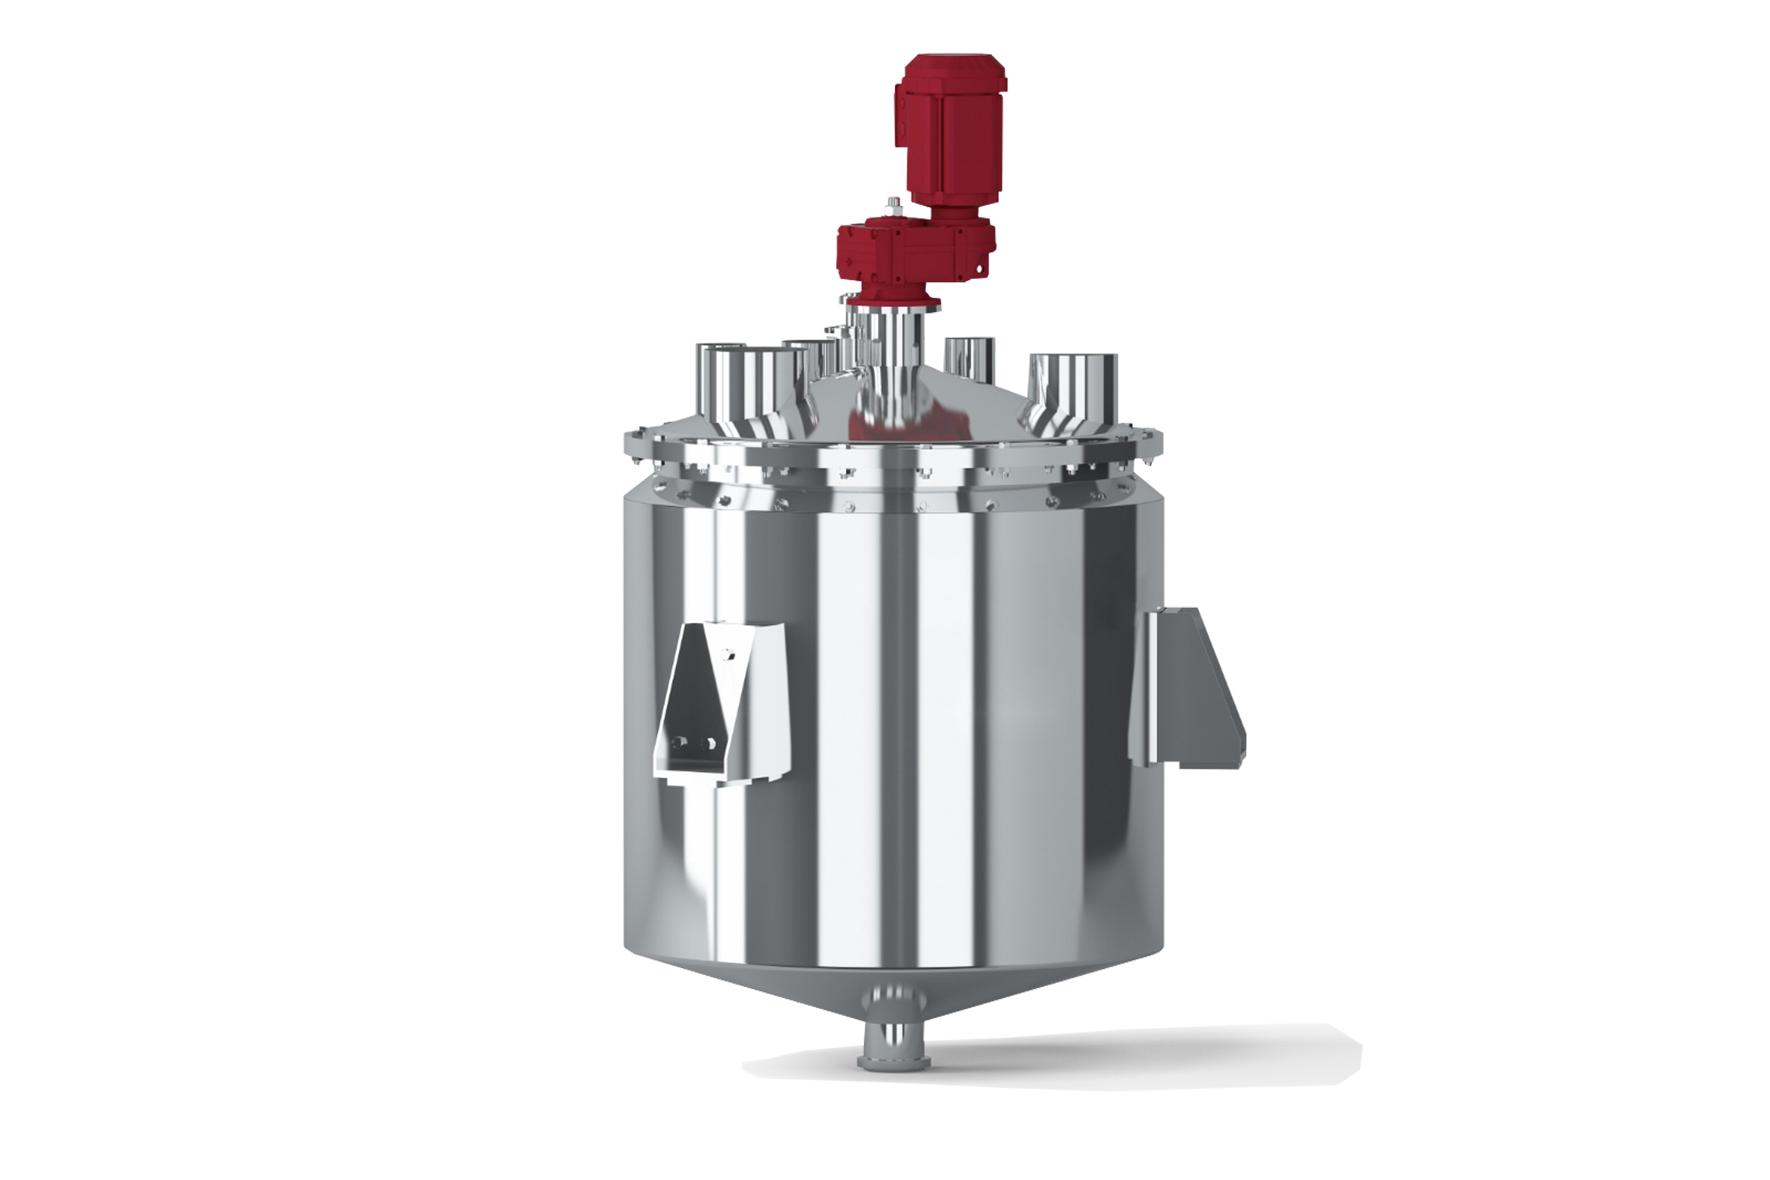 Reator de Inox para processo de cremes, pomadas, doces, balas, tintas, injetáveis, pó e alimentos